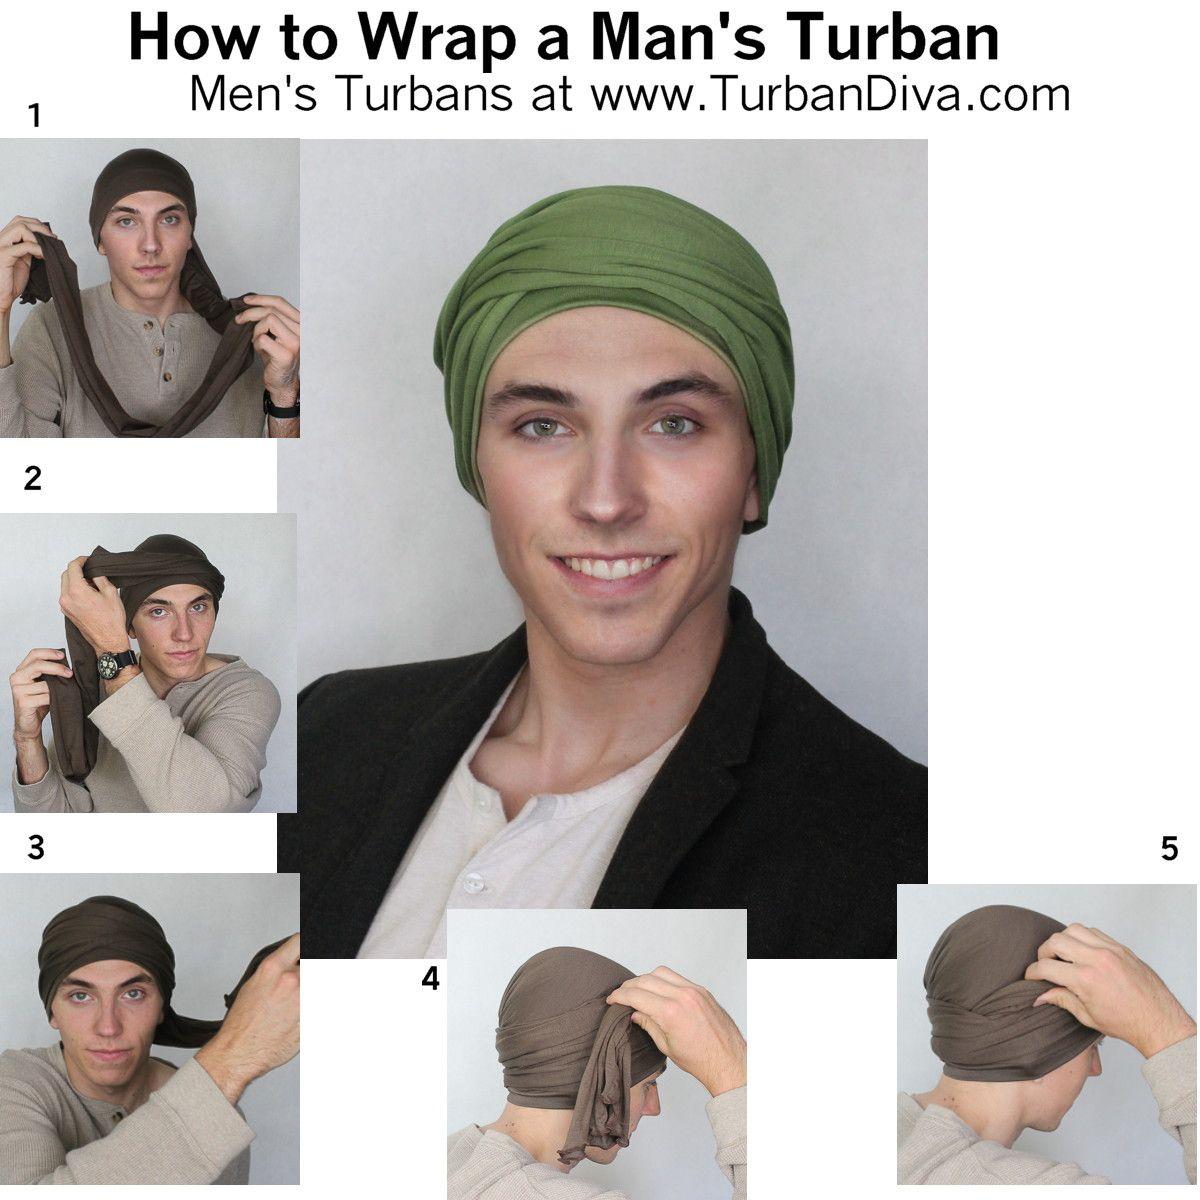 Men's Turban Tutorial, How to Wrap a Man's Turban